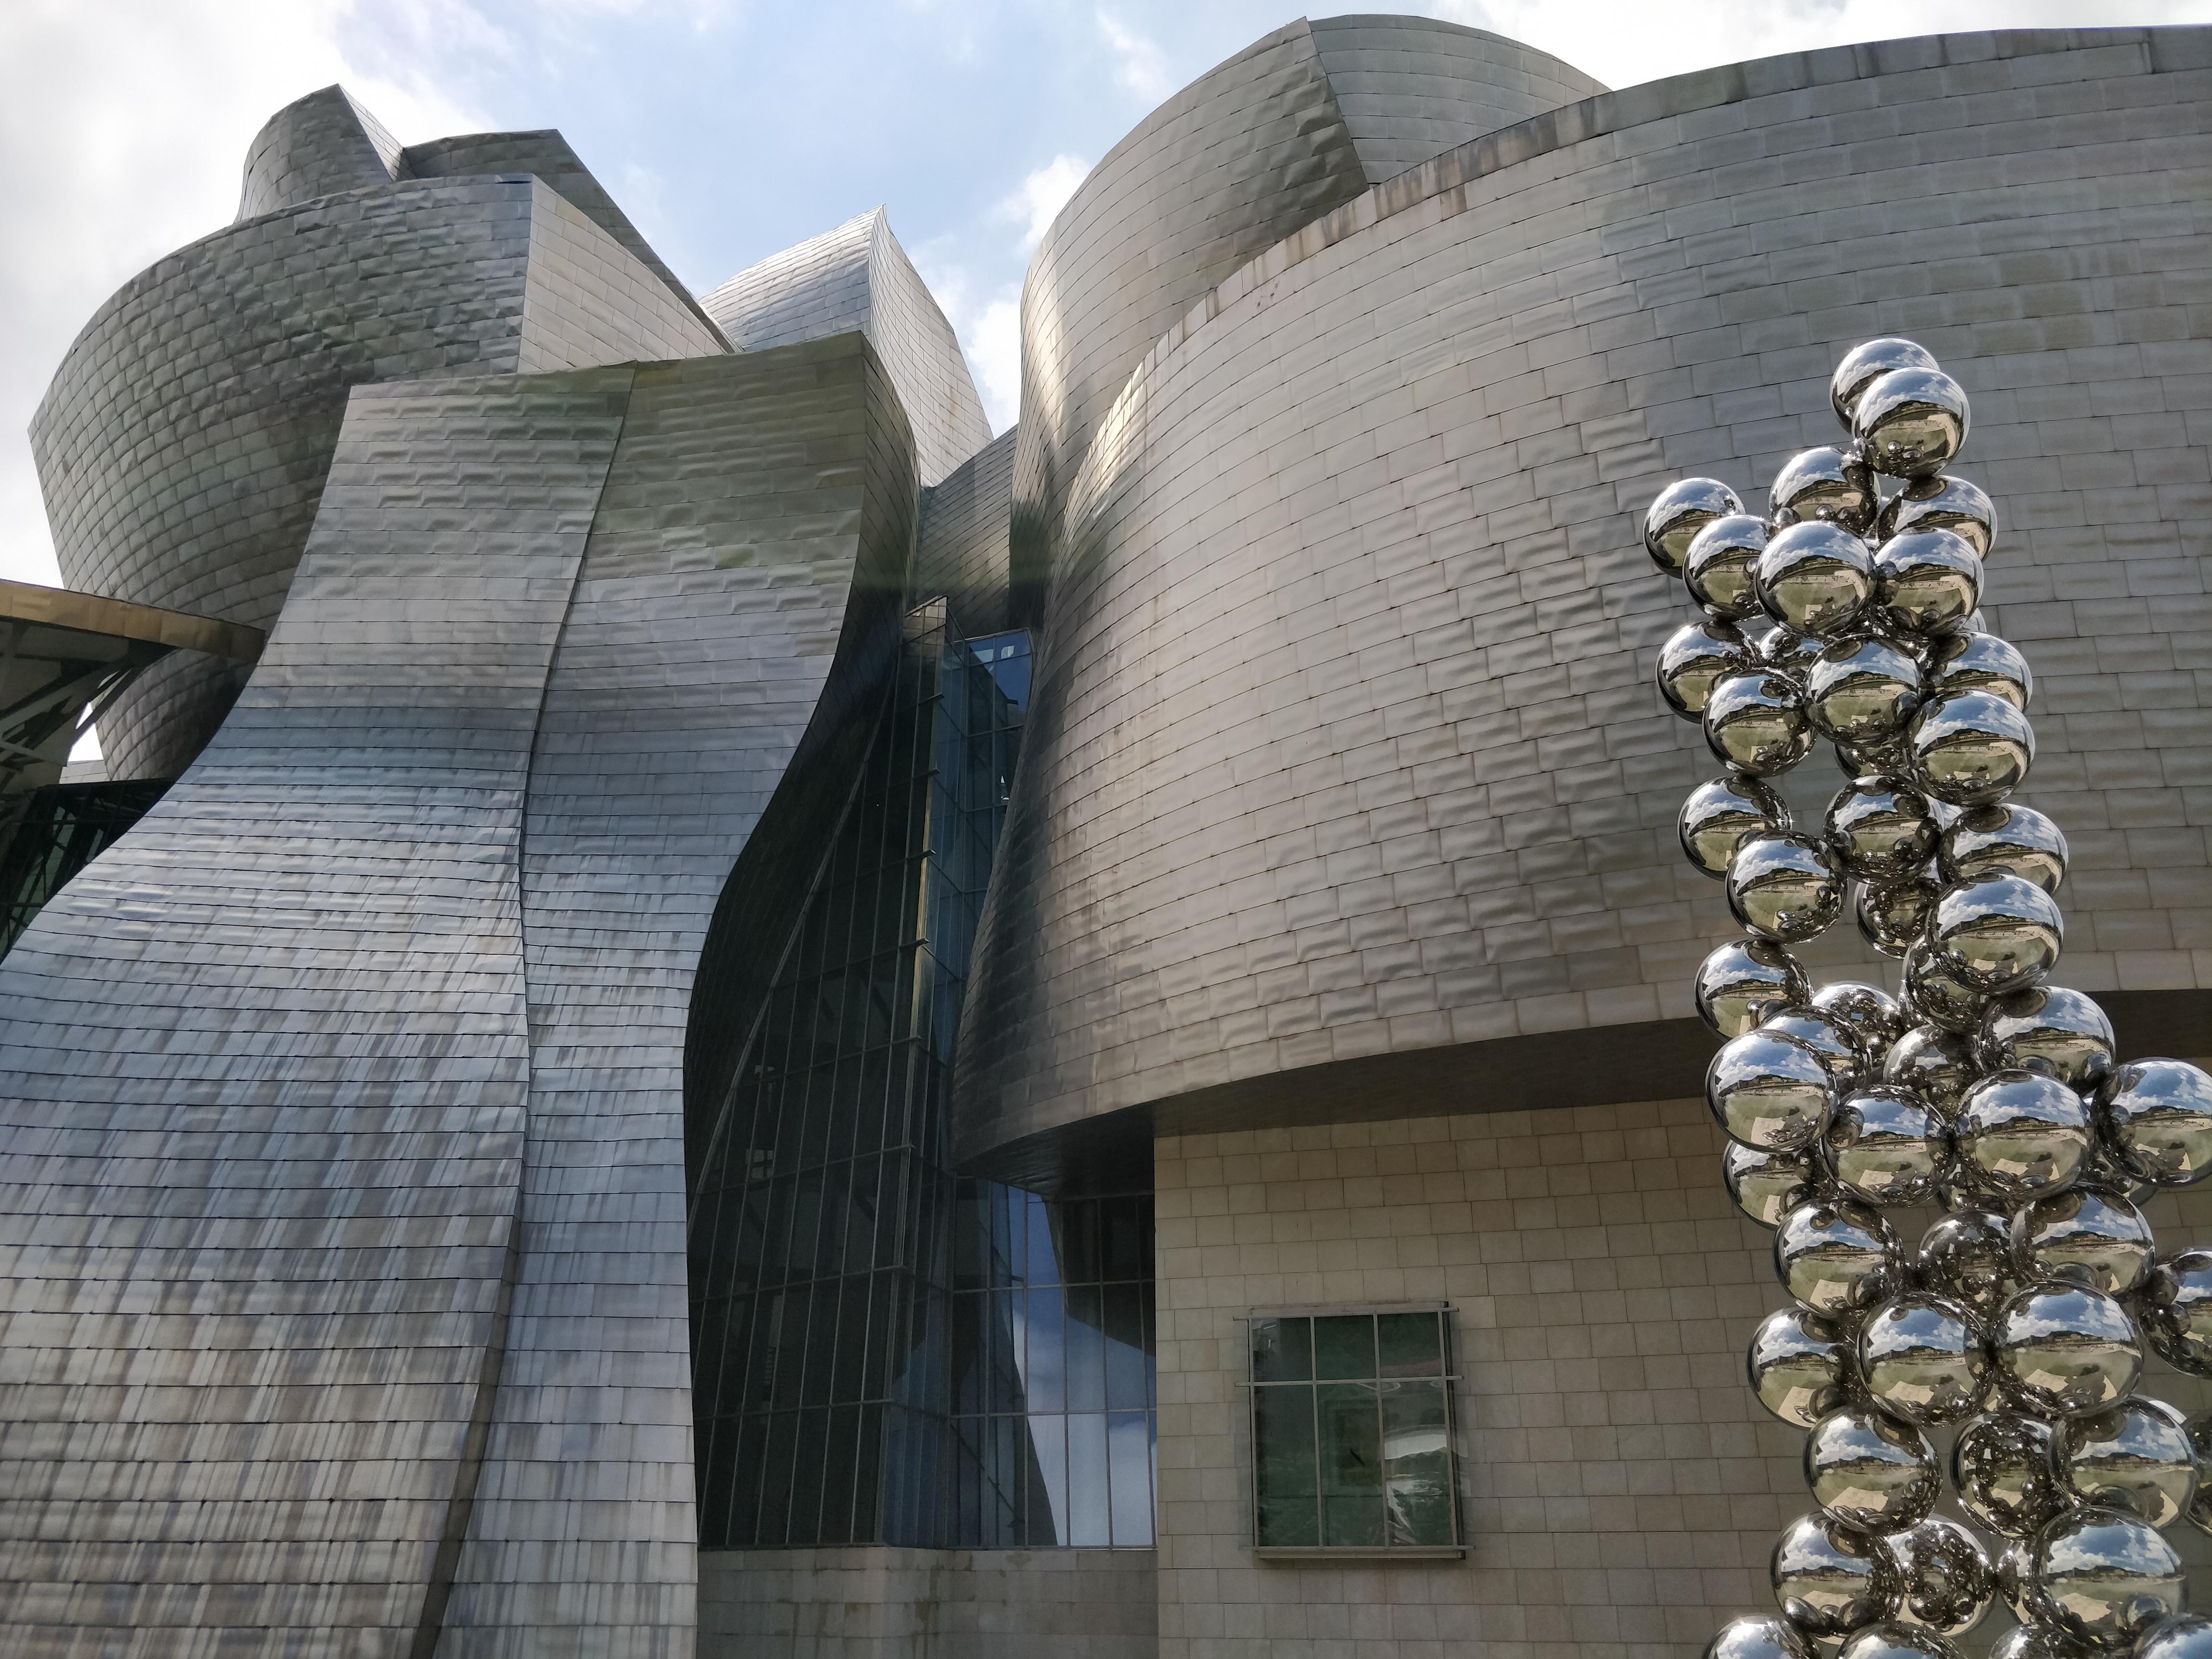 Nerua Guggenheim Bilbao Review